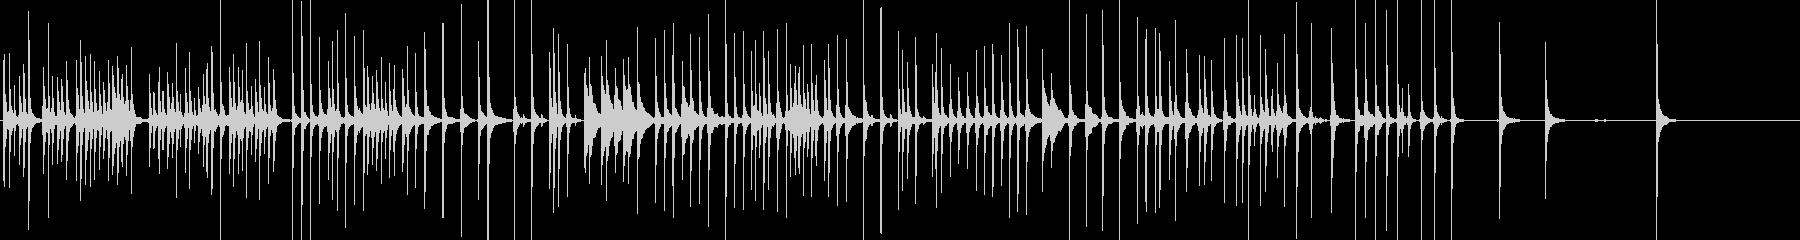 三味線48娘道成寺27日本式レビューショの未再生の波形